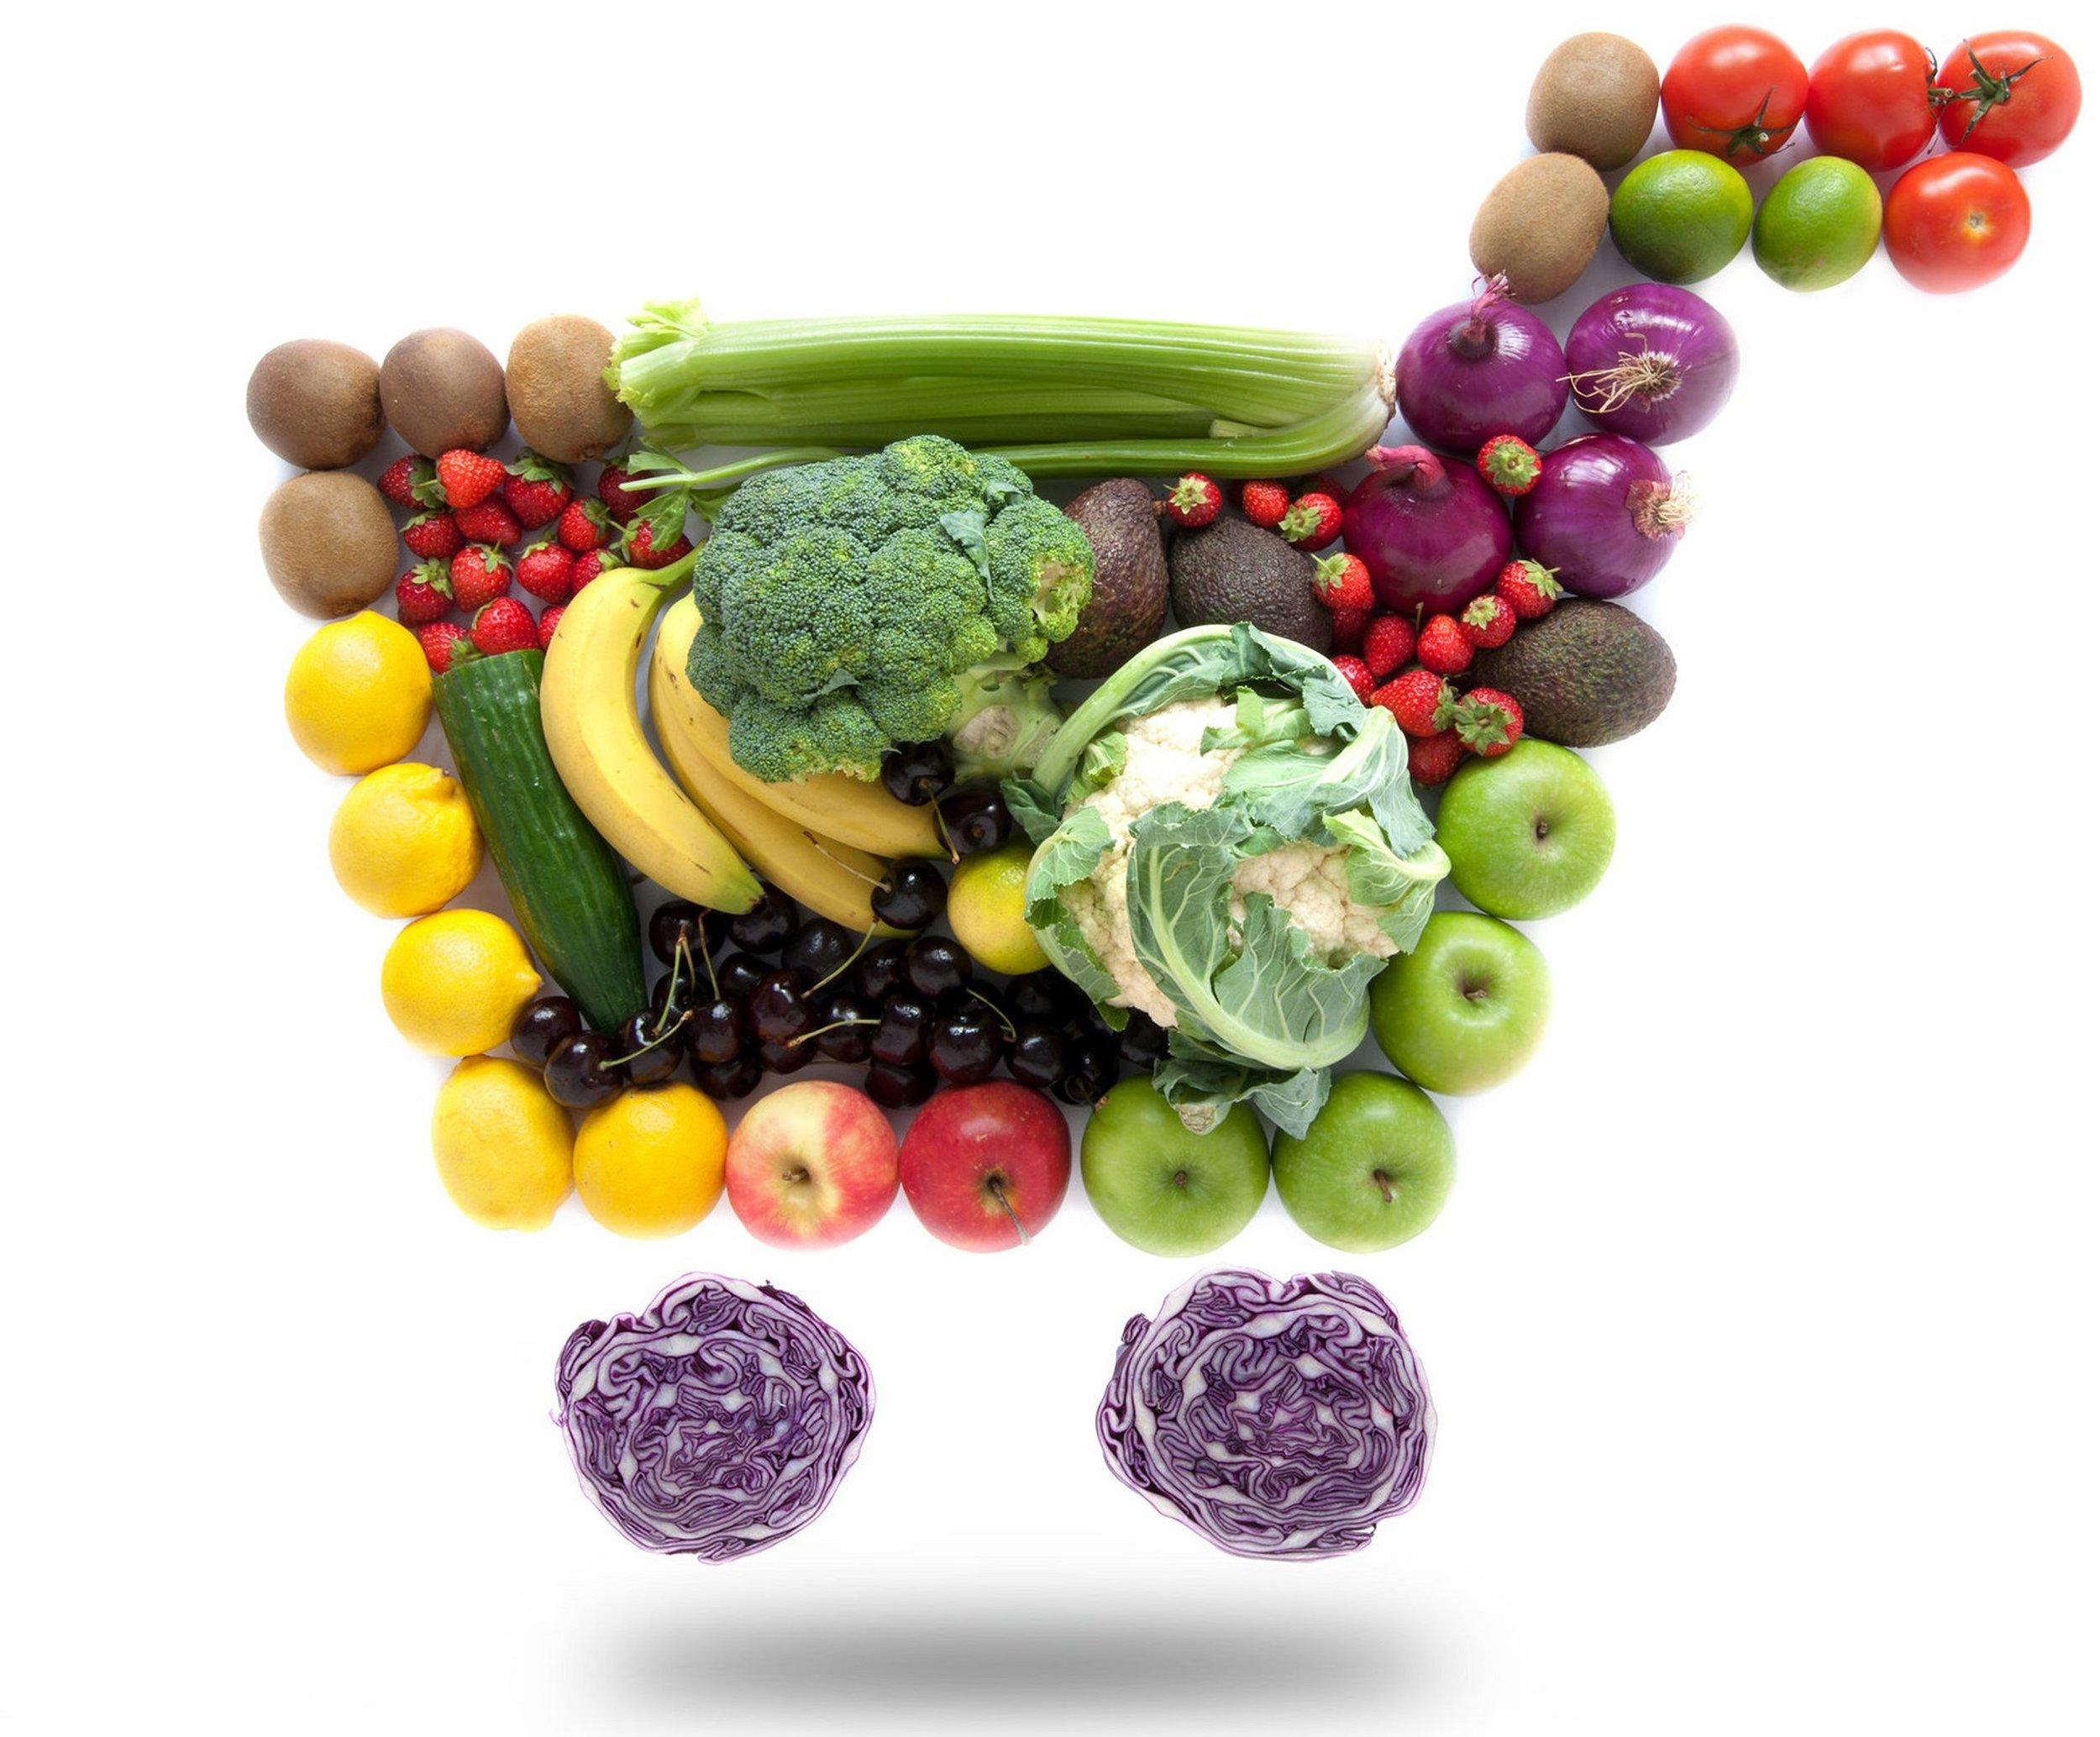 En el carrito de la compra no olvide poner siempre alimentos +. Foto: IMEO